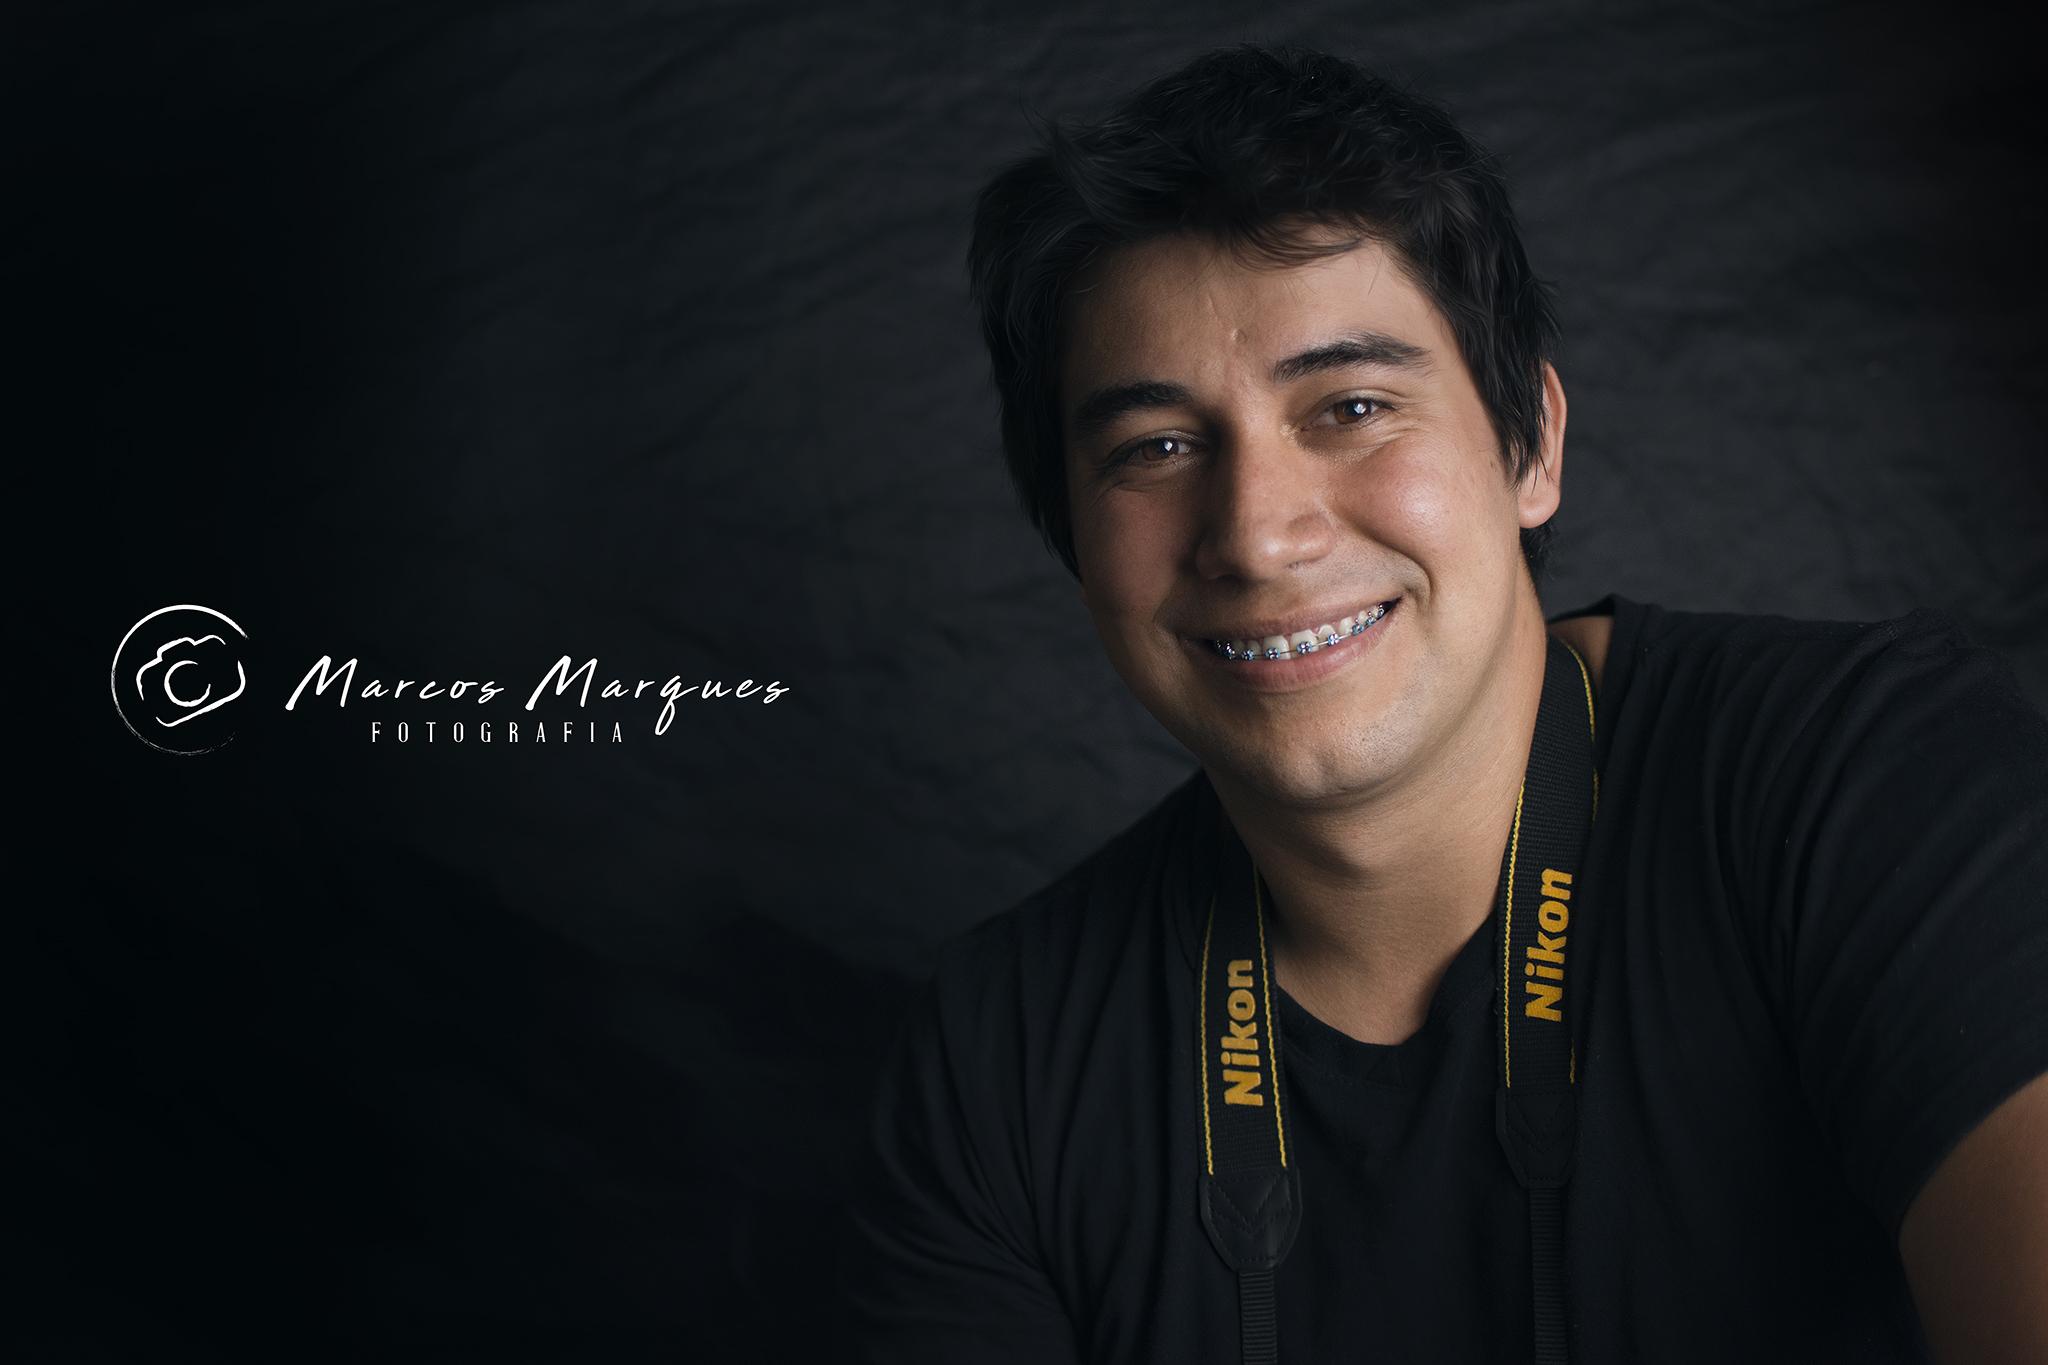 Sobre Marcos Marques Fotografia